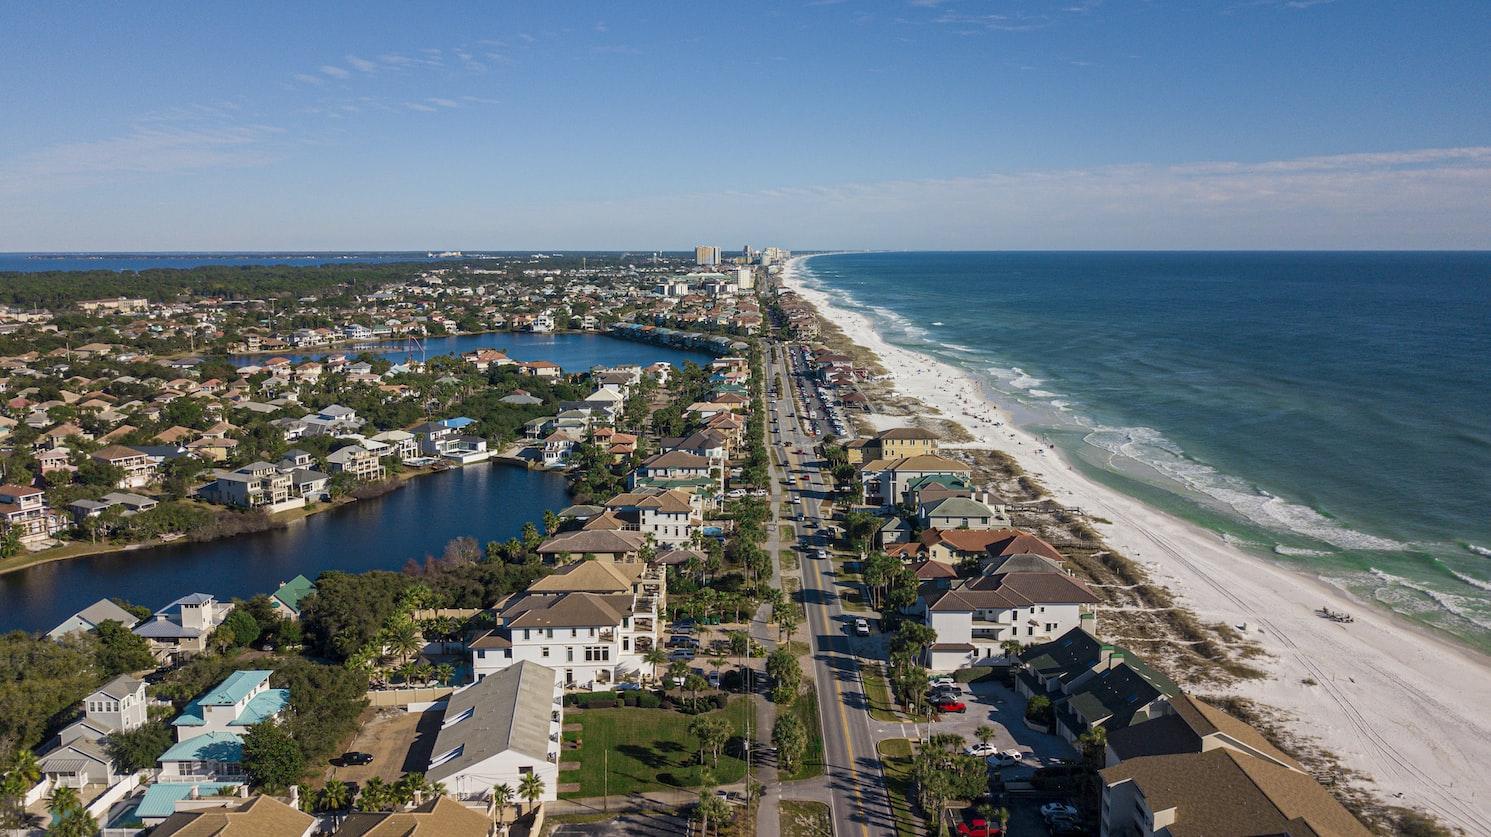 Destin Florida from a drone